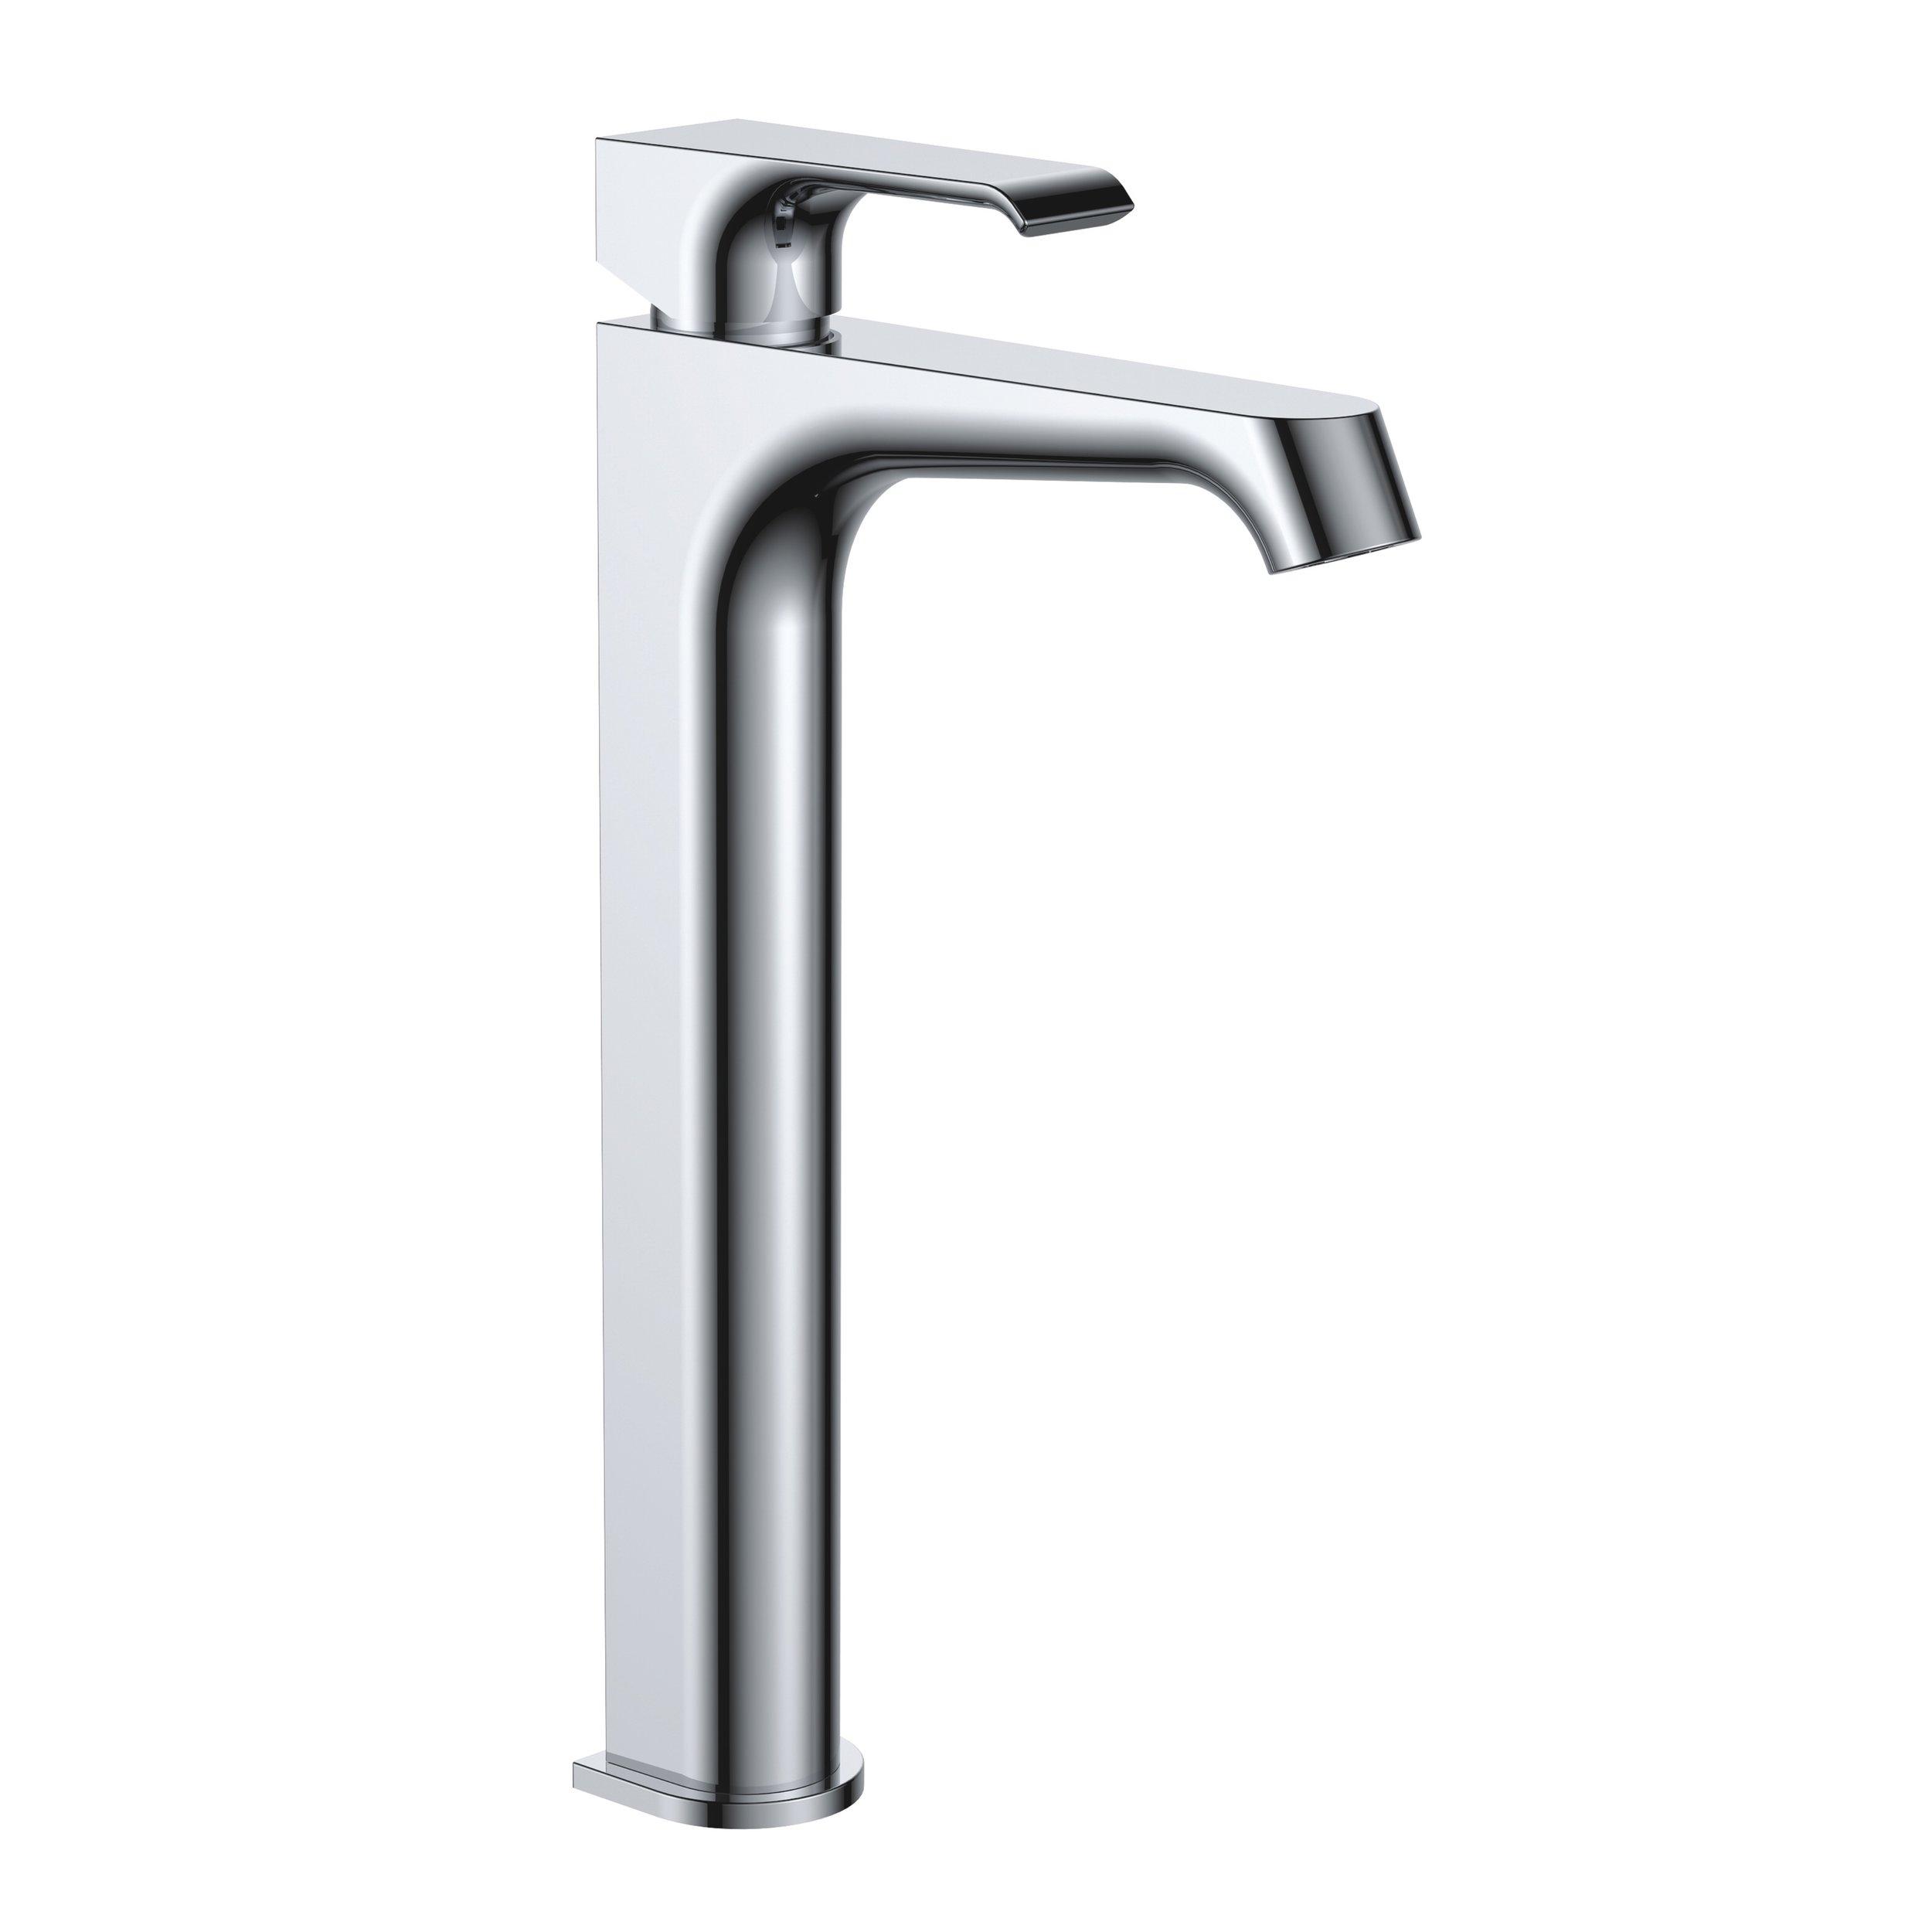 716-105:Basin faucet